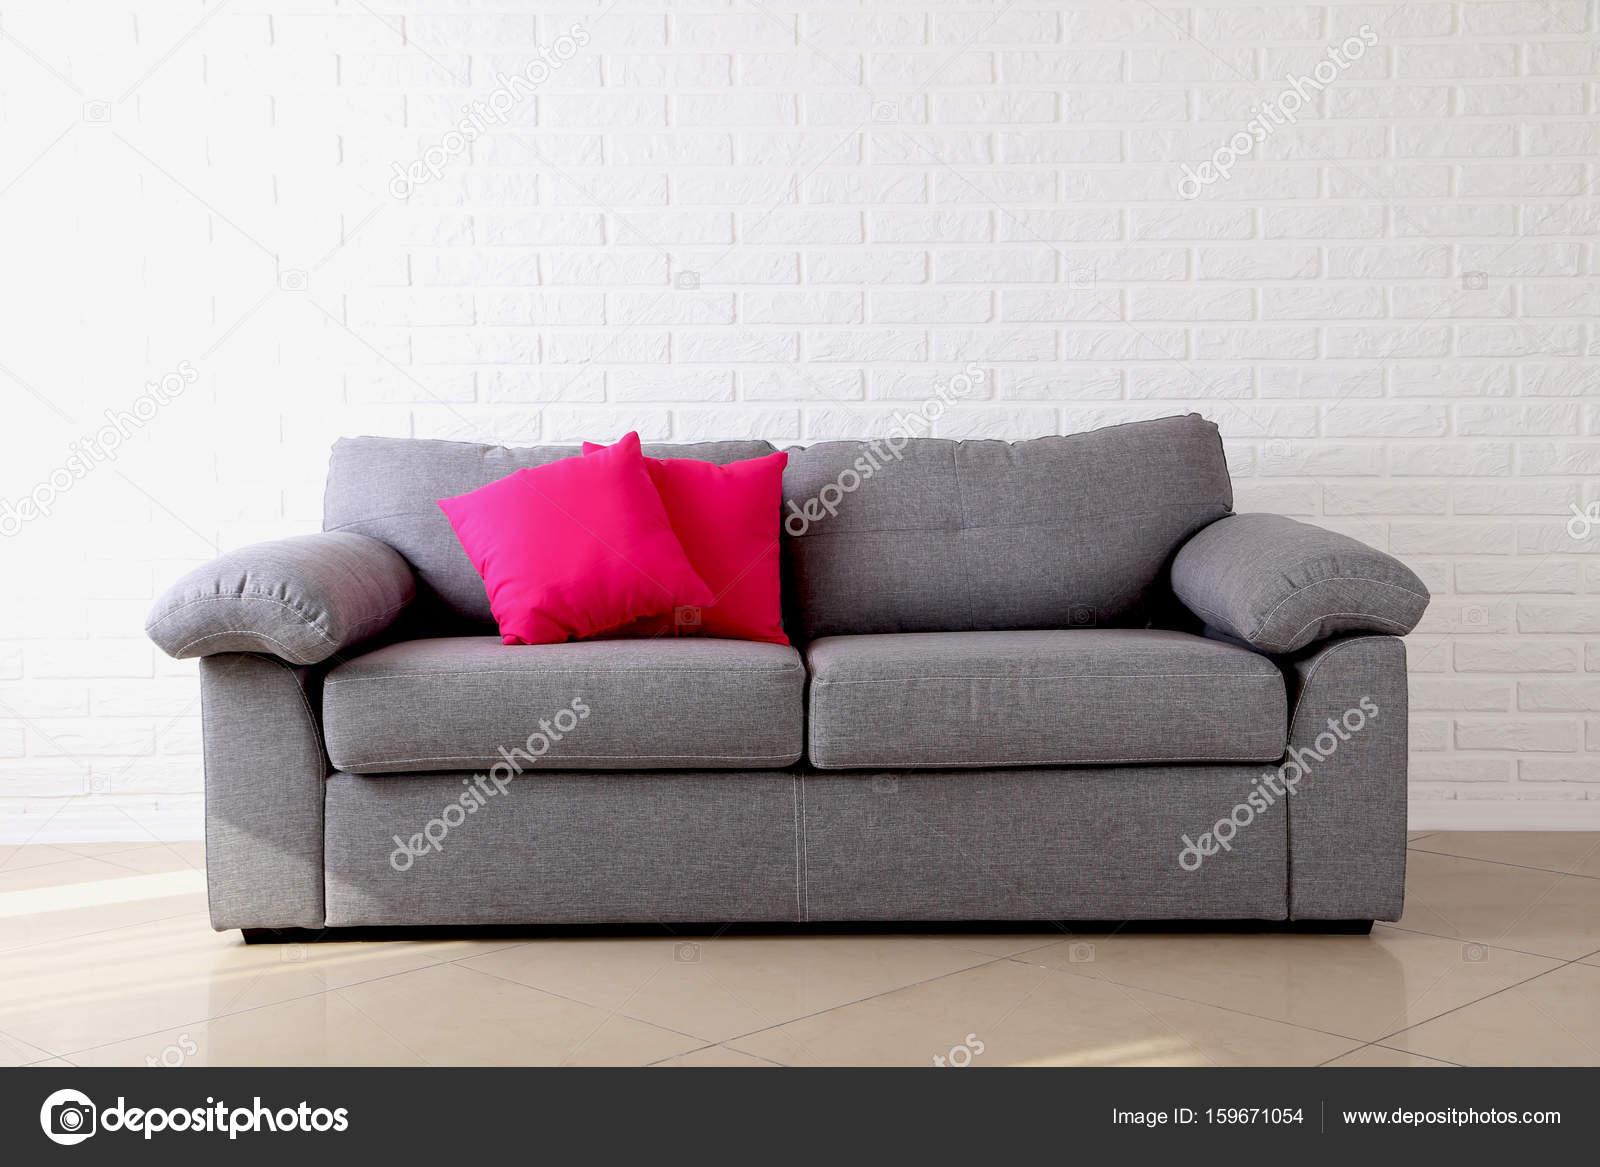 Kleurrijke kussens op grijze bank u2014 stockfoto © 5seconds #159671054